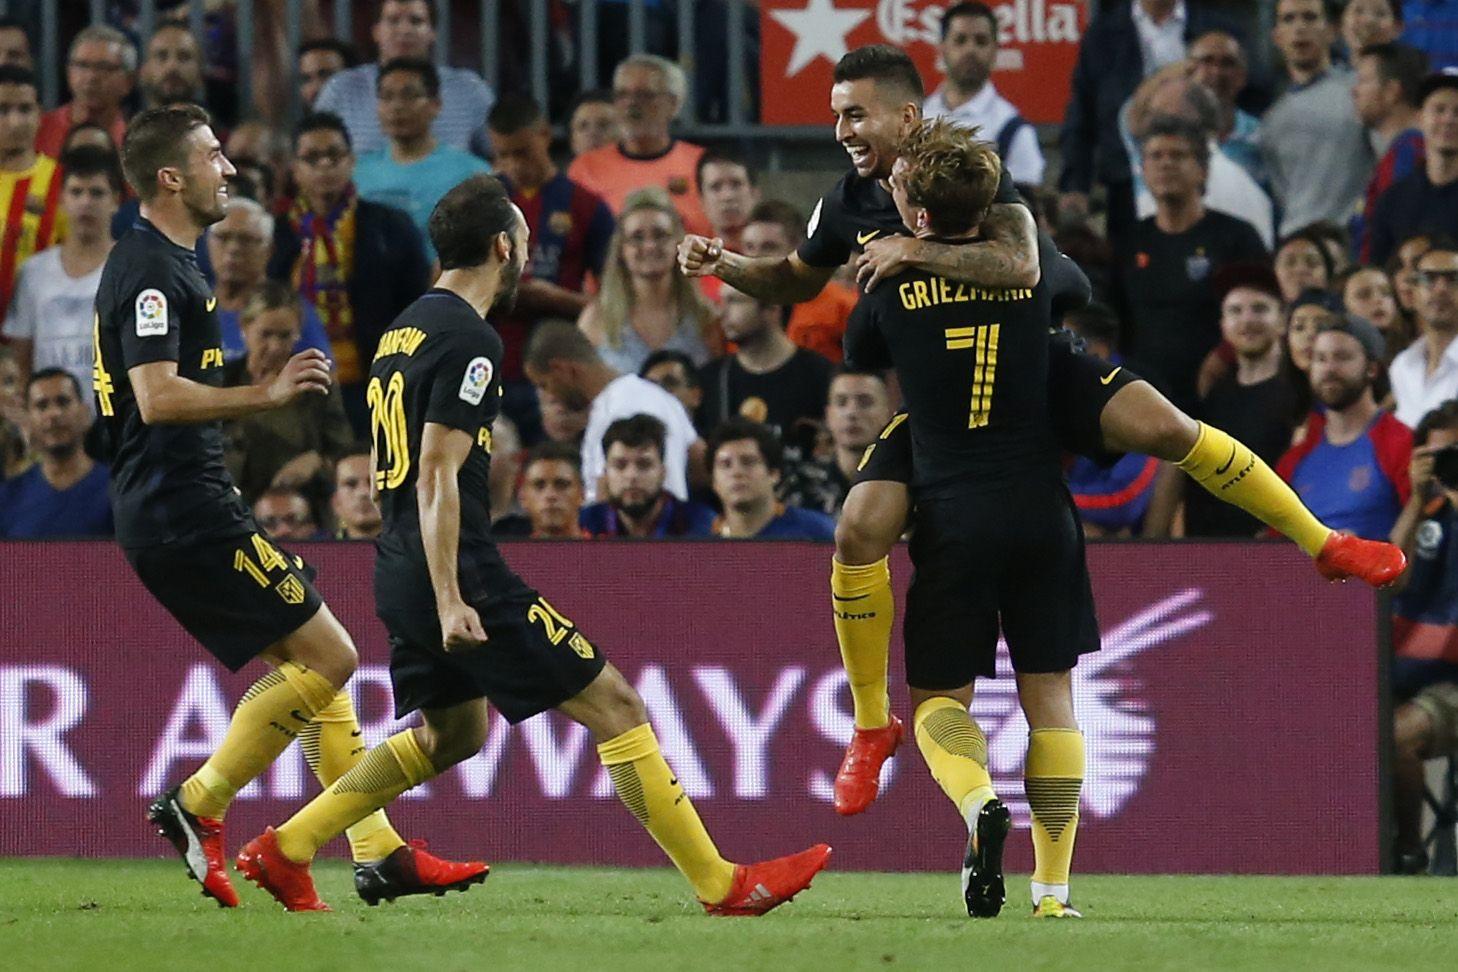 VIDEO: La imperdible definición de Correa que silenció el Camp Nou